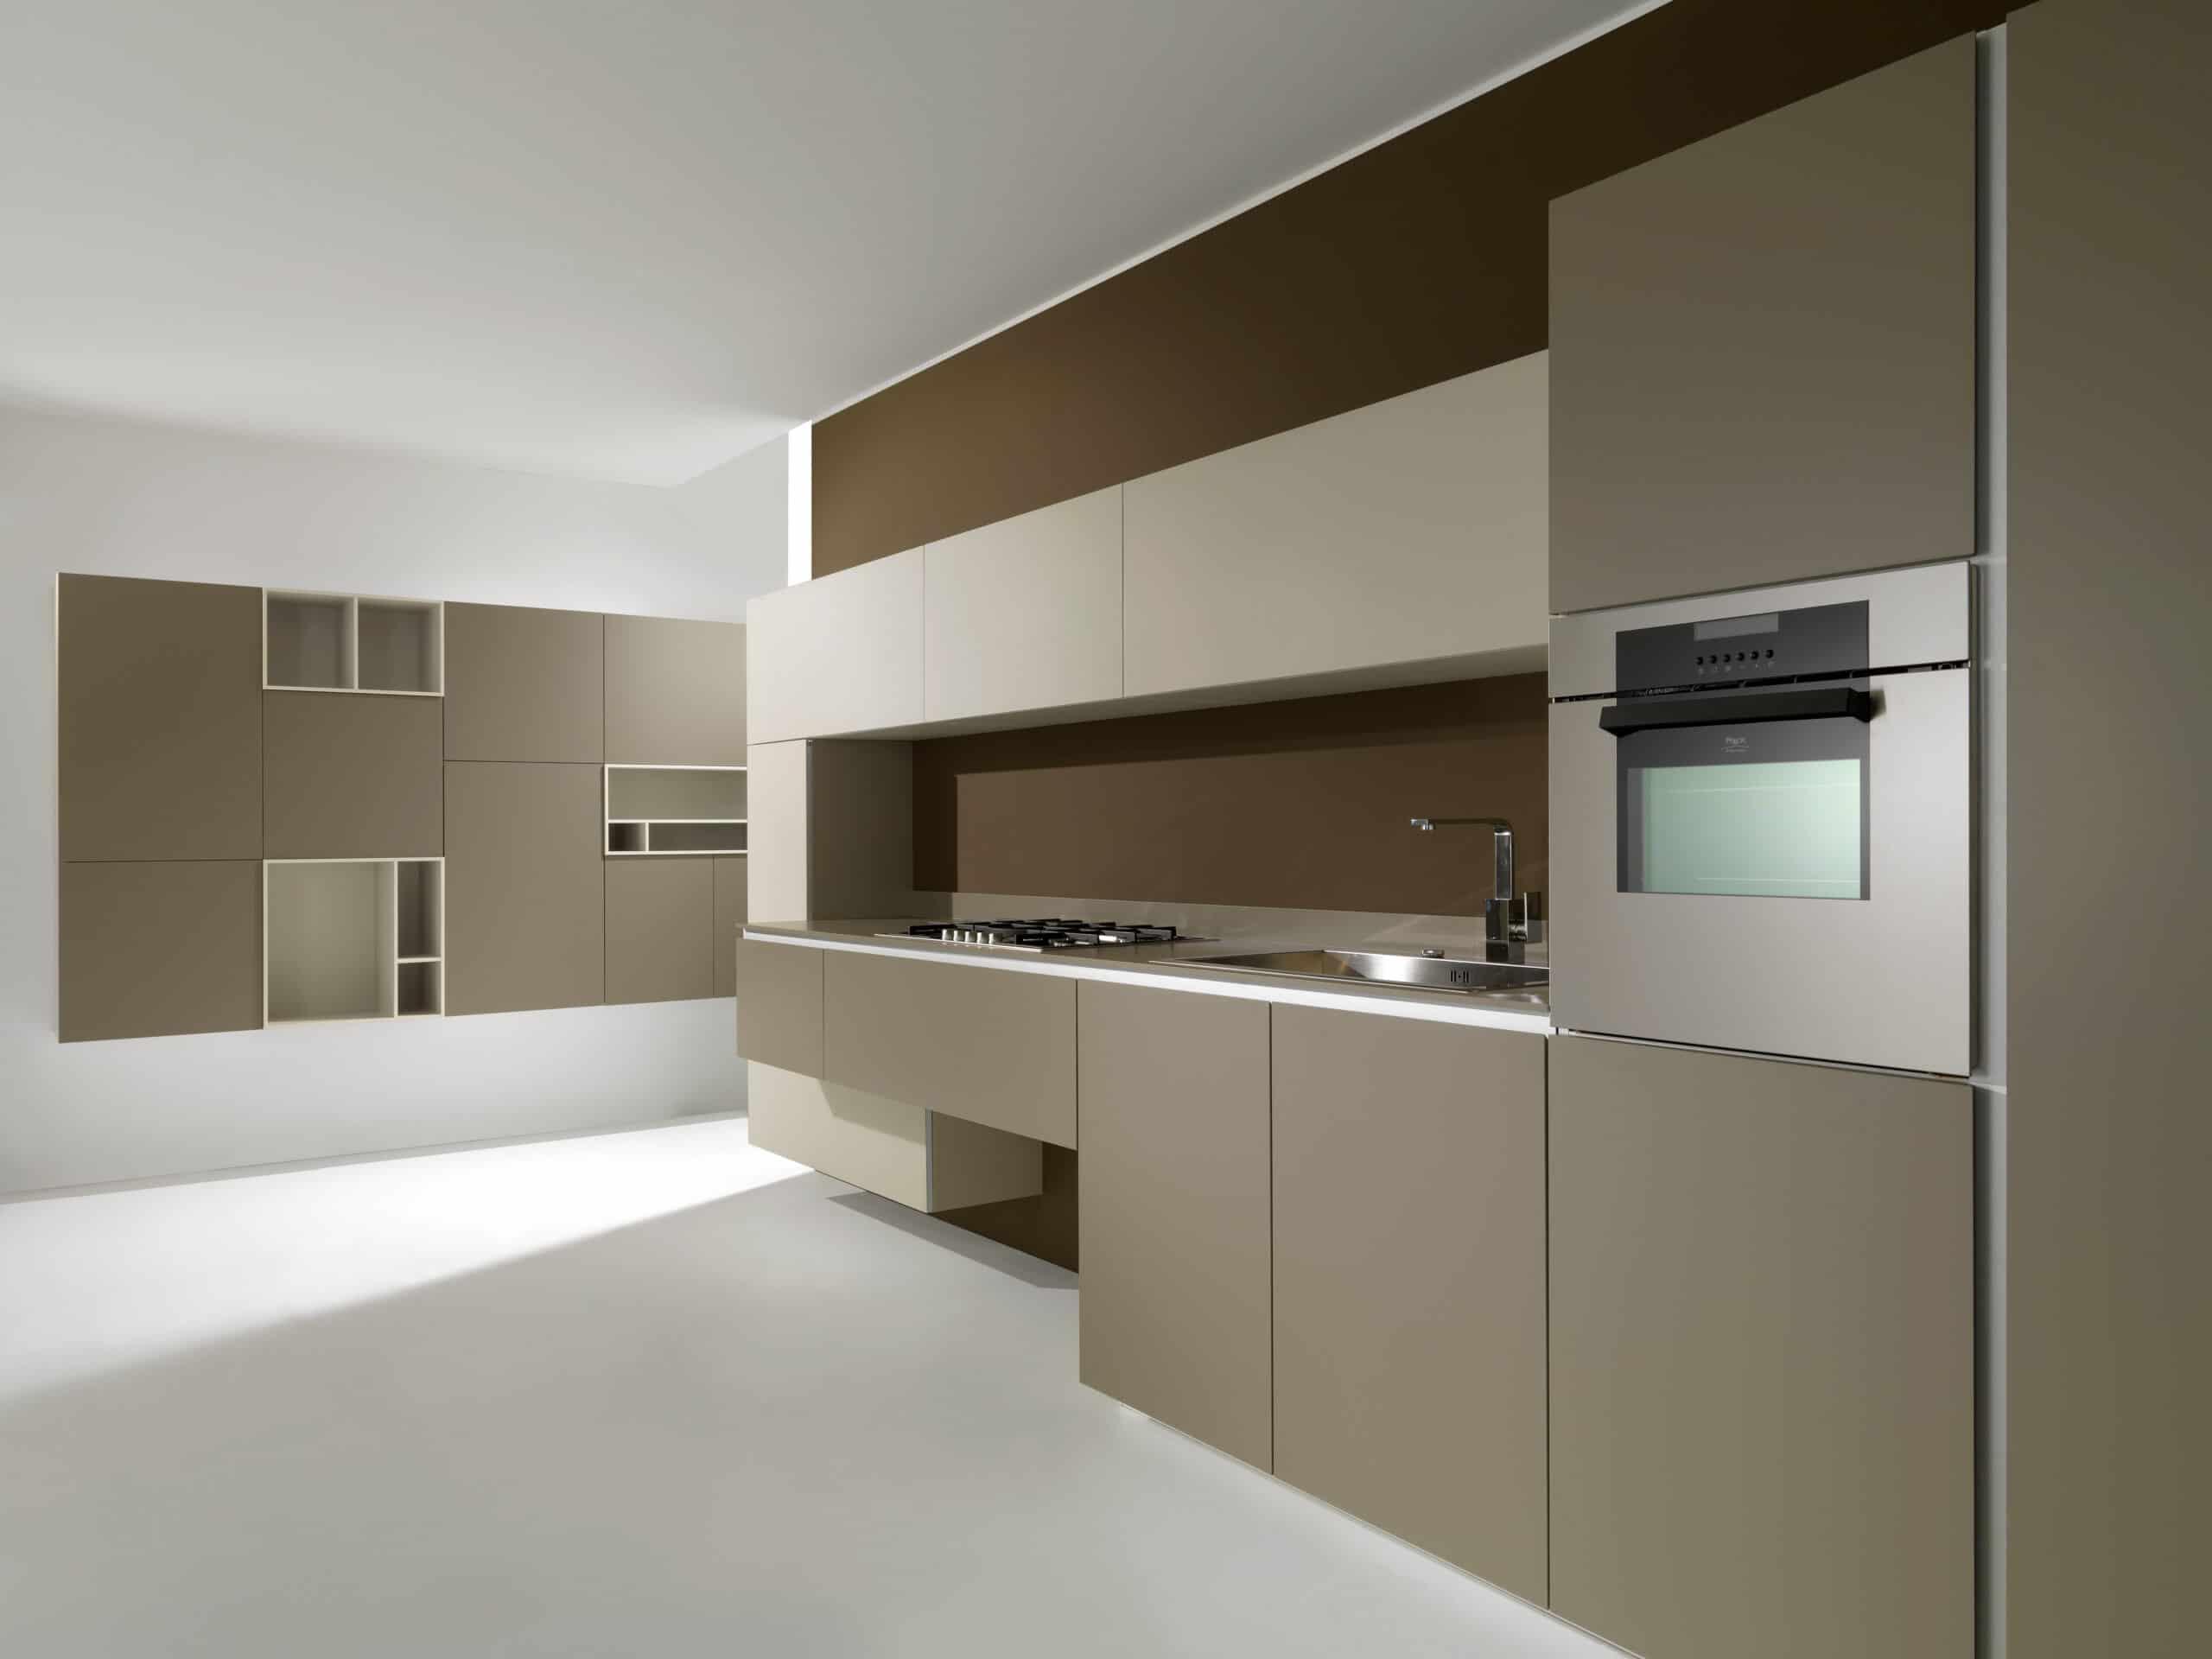 מטבחים מעץ החברות מיומנים באספקה ושירות עם הרבה וותק שיודעים לבנות ולהתאים מטבחים במקביל להפעלת המקרר והתנור ללקוח במטבח שלו